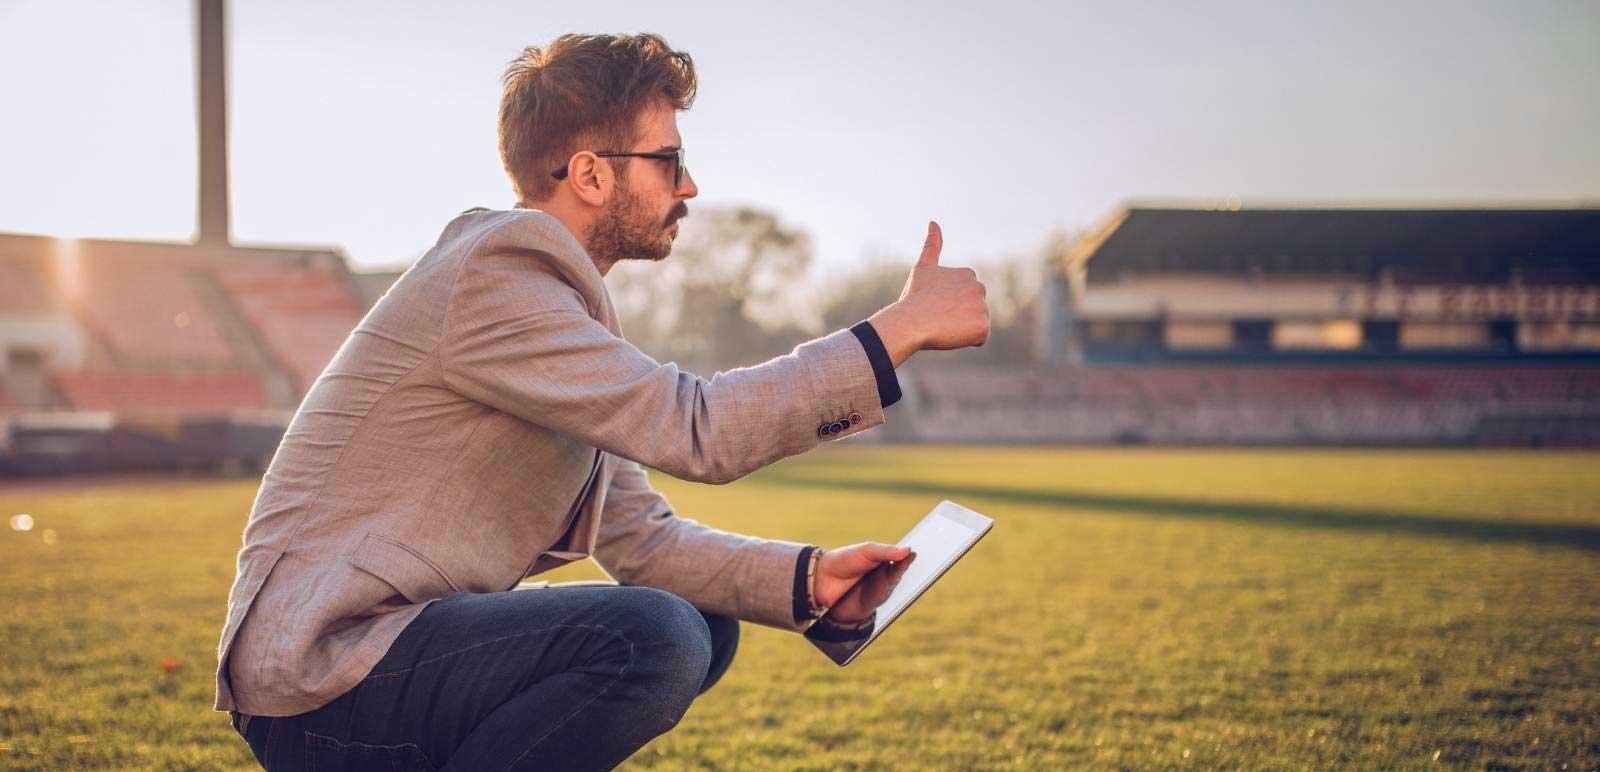 Estudiar gestión deportiva genera grandes oportunidades de empleo | Escuela Universitaria Formatic Barcelona